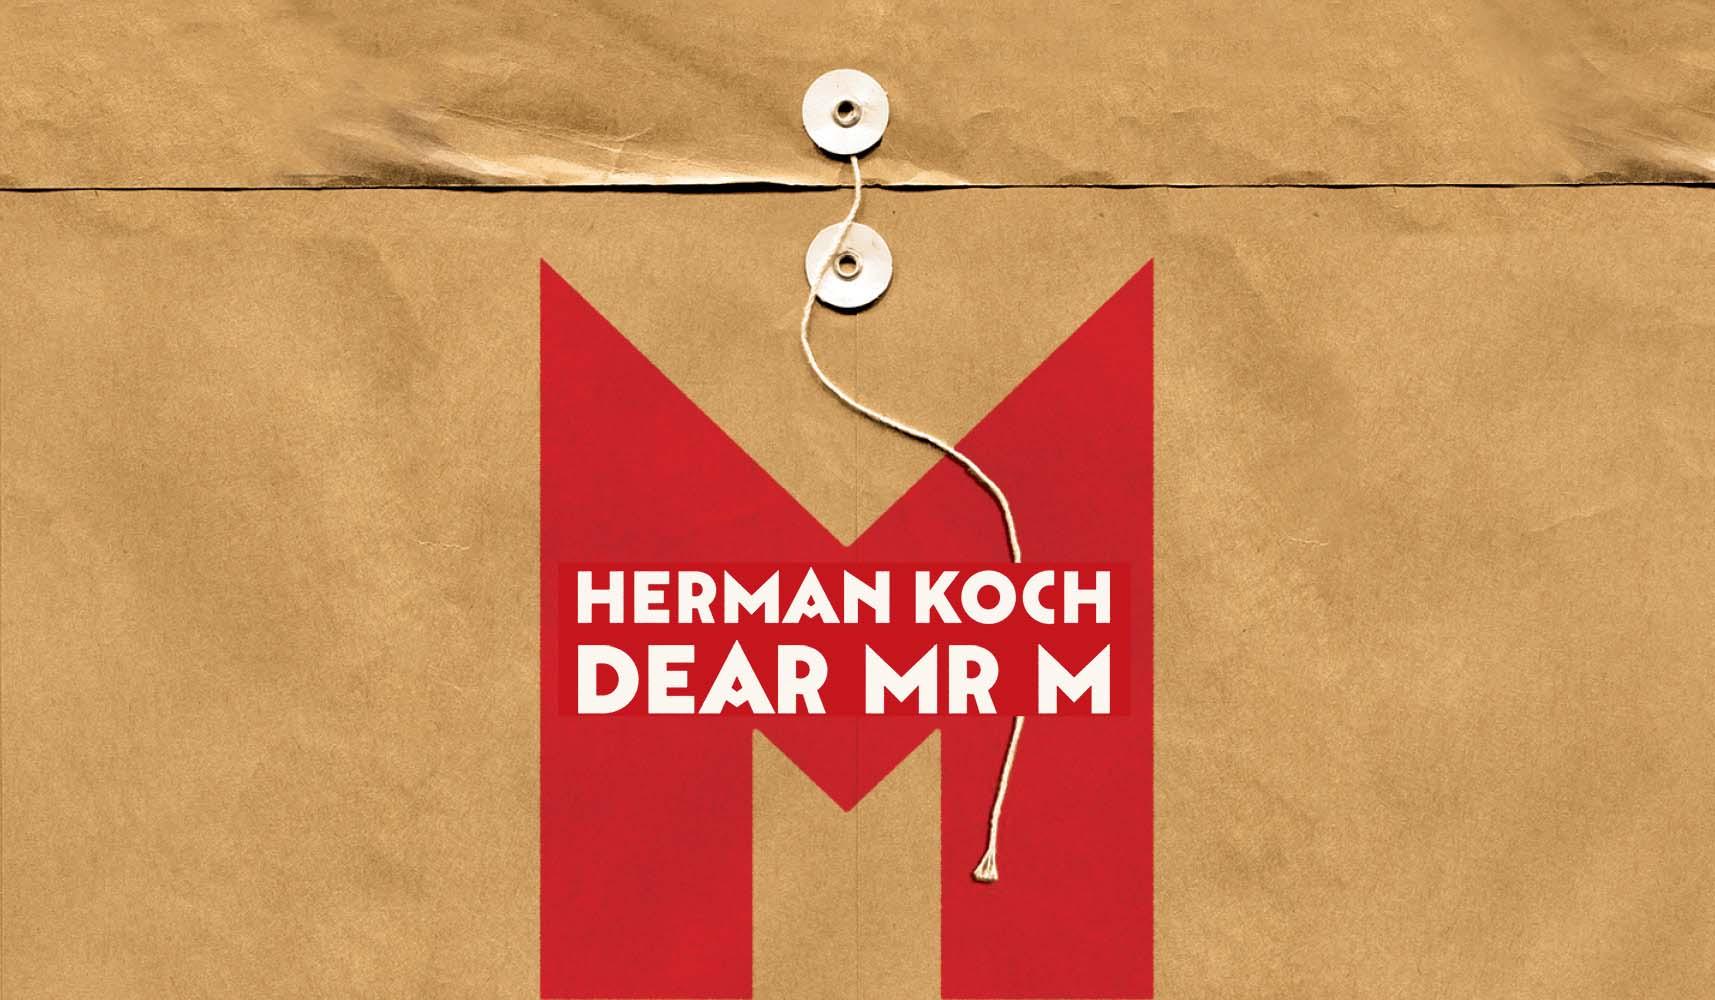 Dear Mr M by Herman Koch